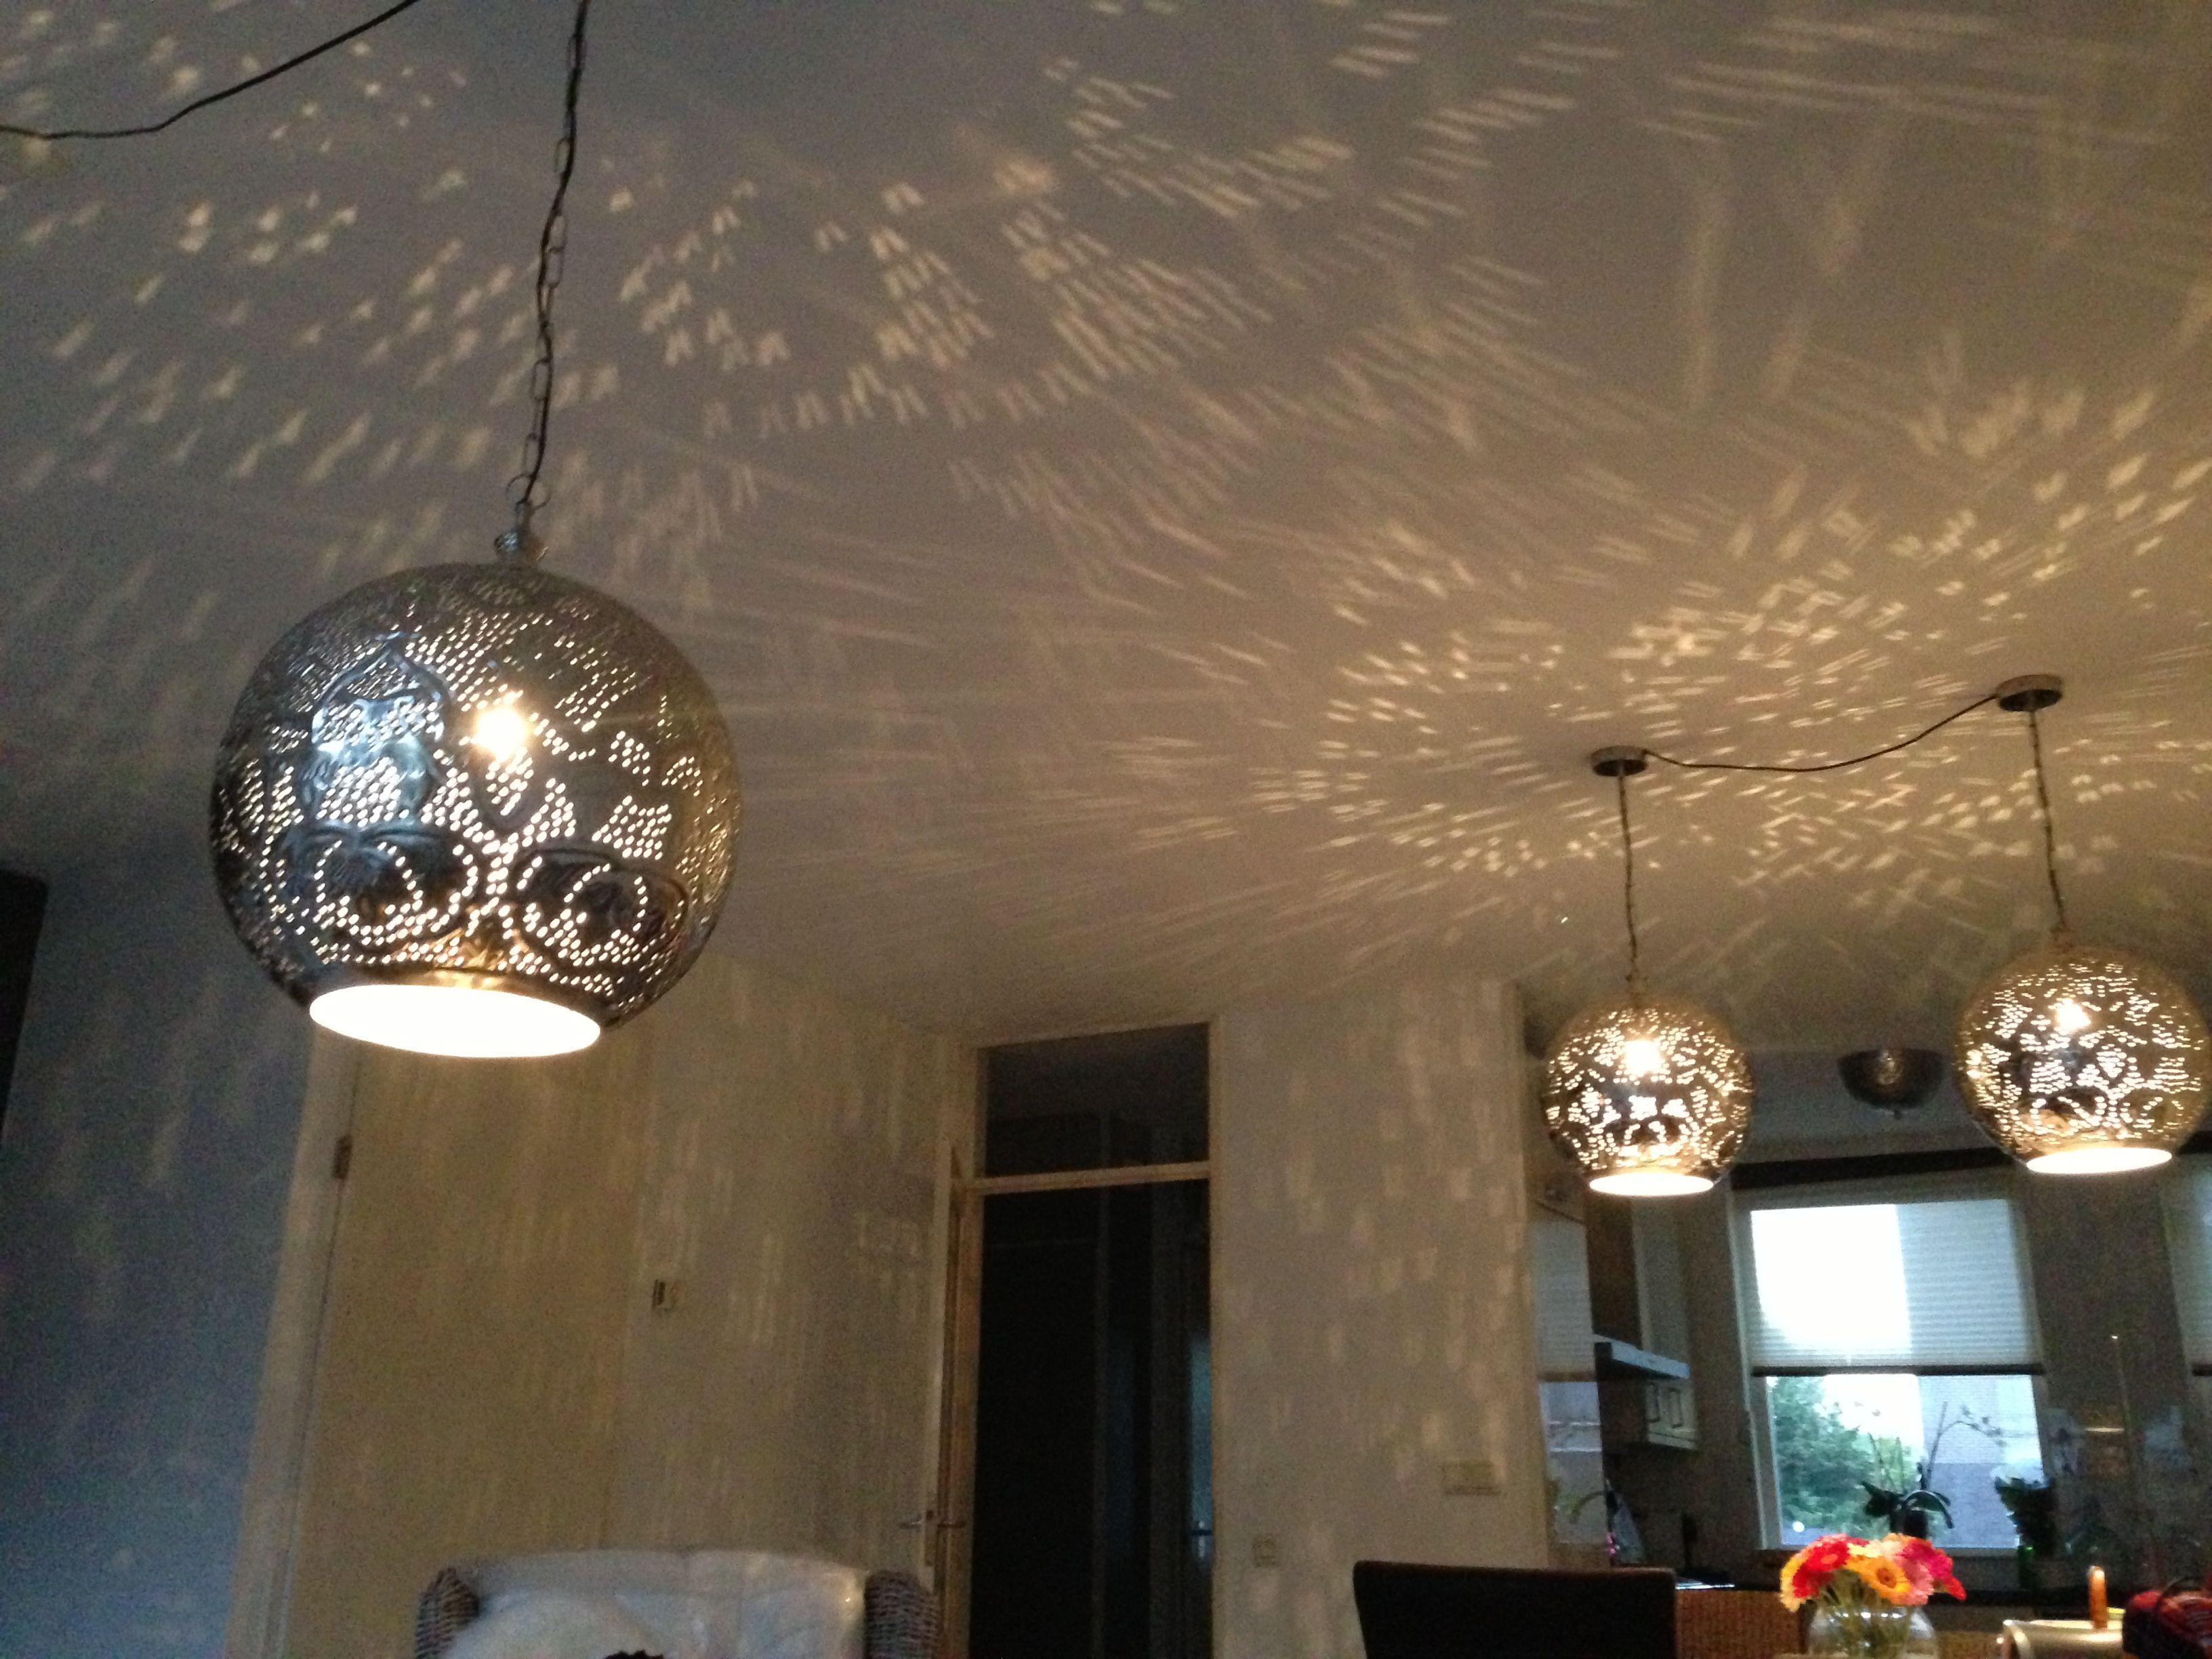 Lampen met gaatjes geeft een leuk effect!